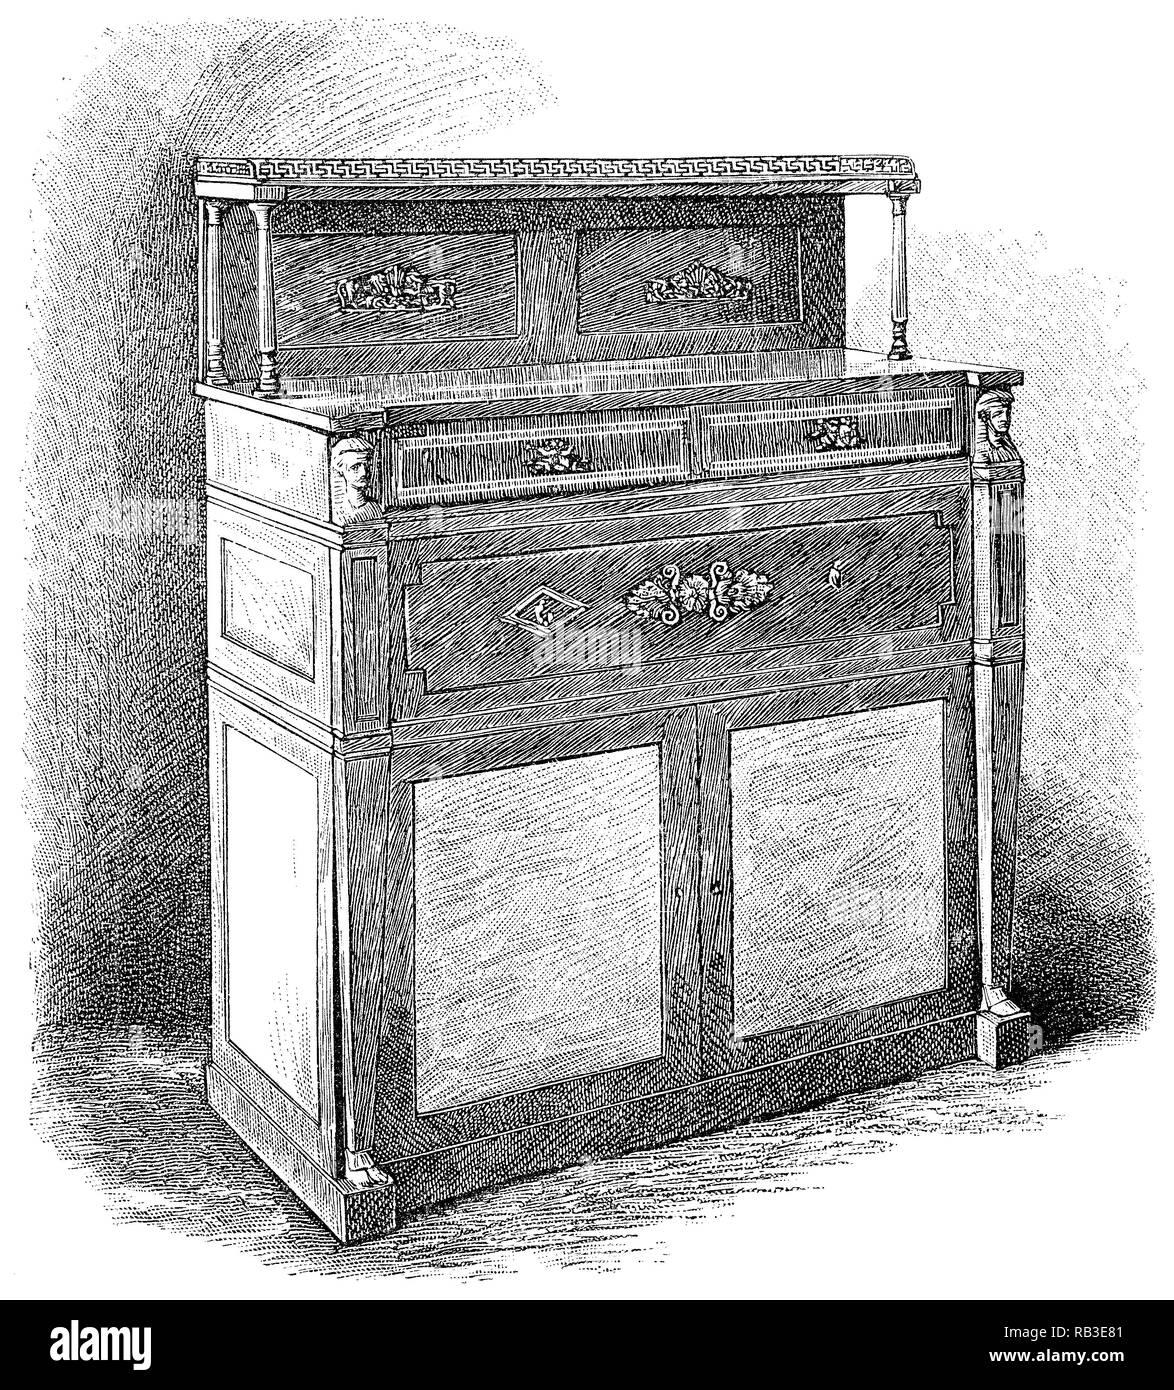 1884 incisione di un pianoforte verticale inventato da John Isaac Hawkins nel 1800. Immagini Stock